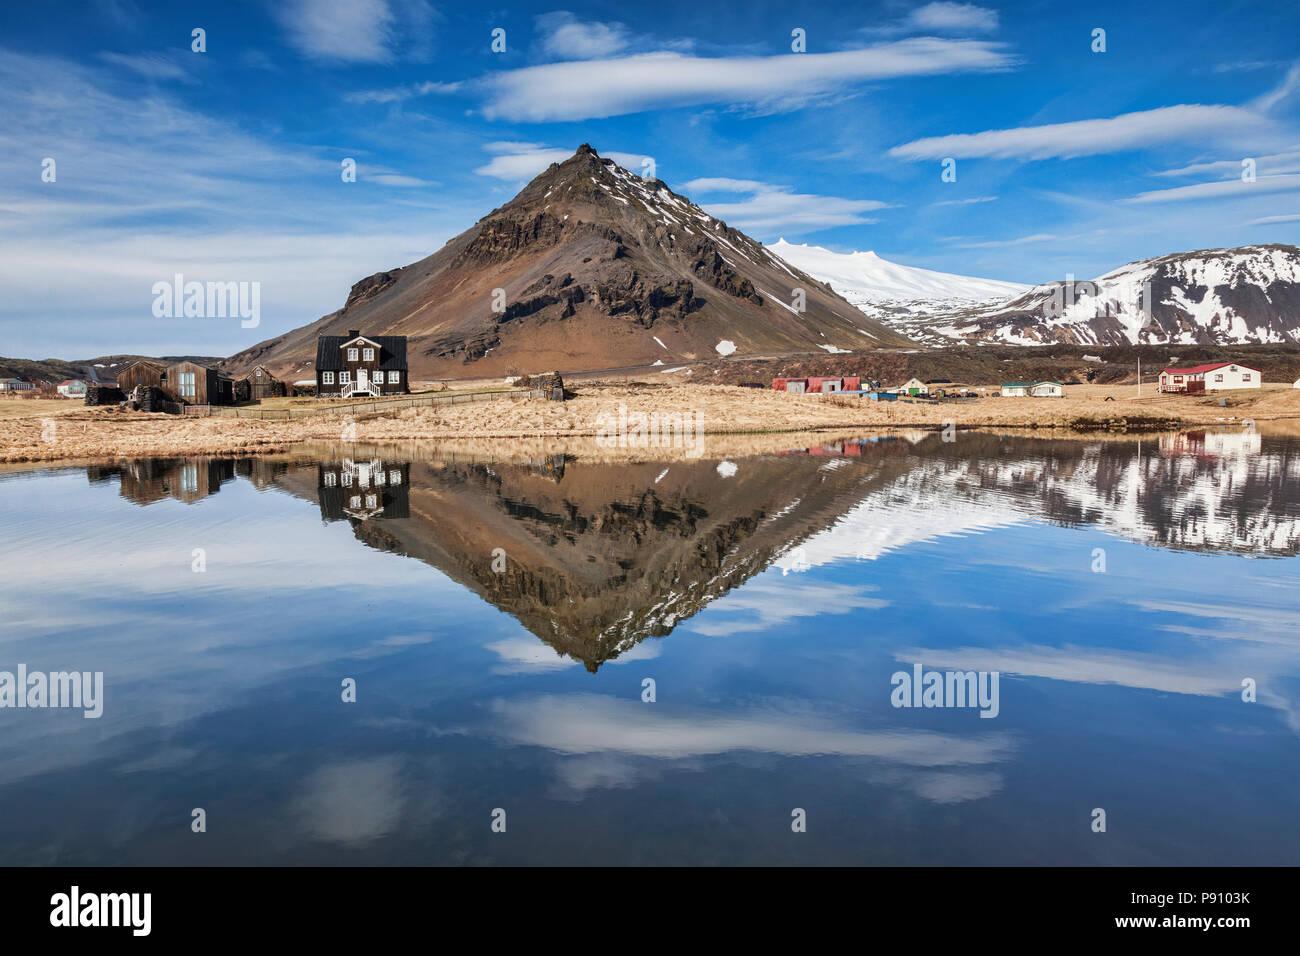 La montagna Stapafell riflesso in una piscina di Arnarstapi sulla penisola Snaefellsnes, Islanda. Immagini Stock